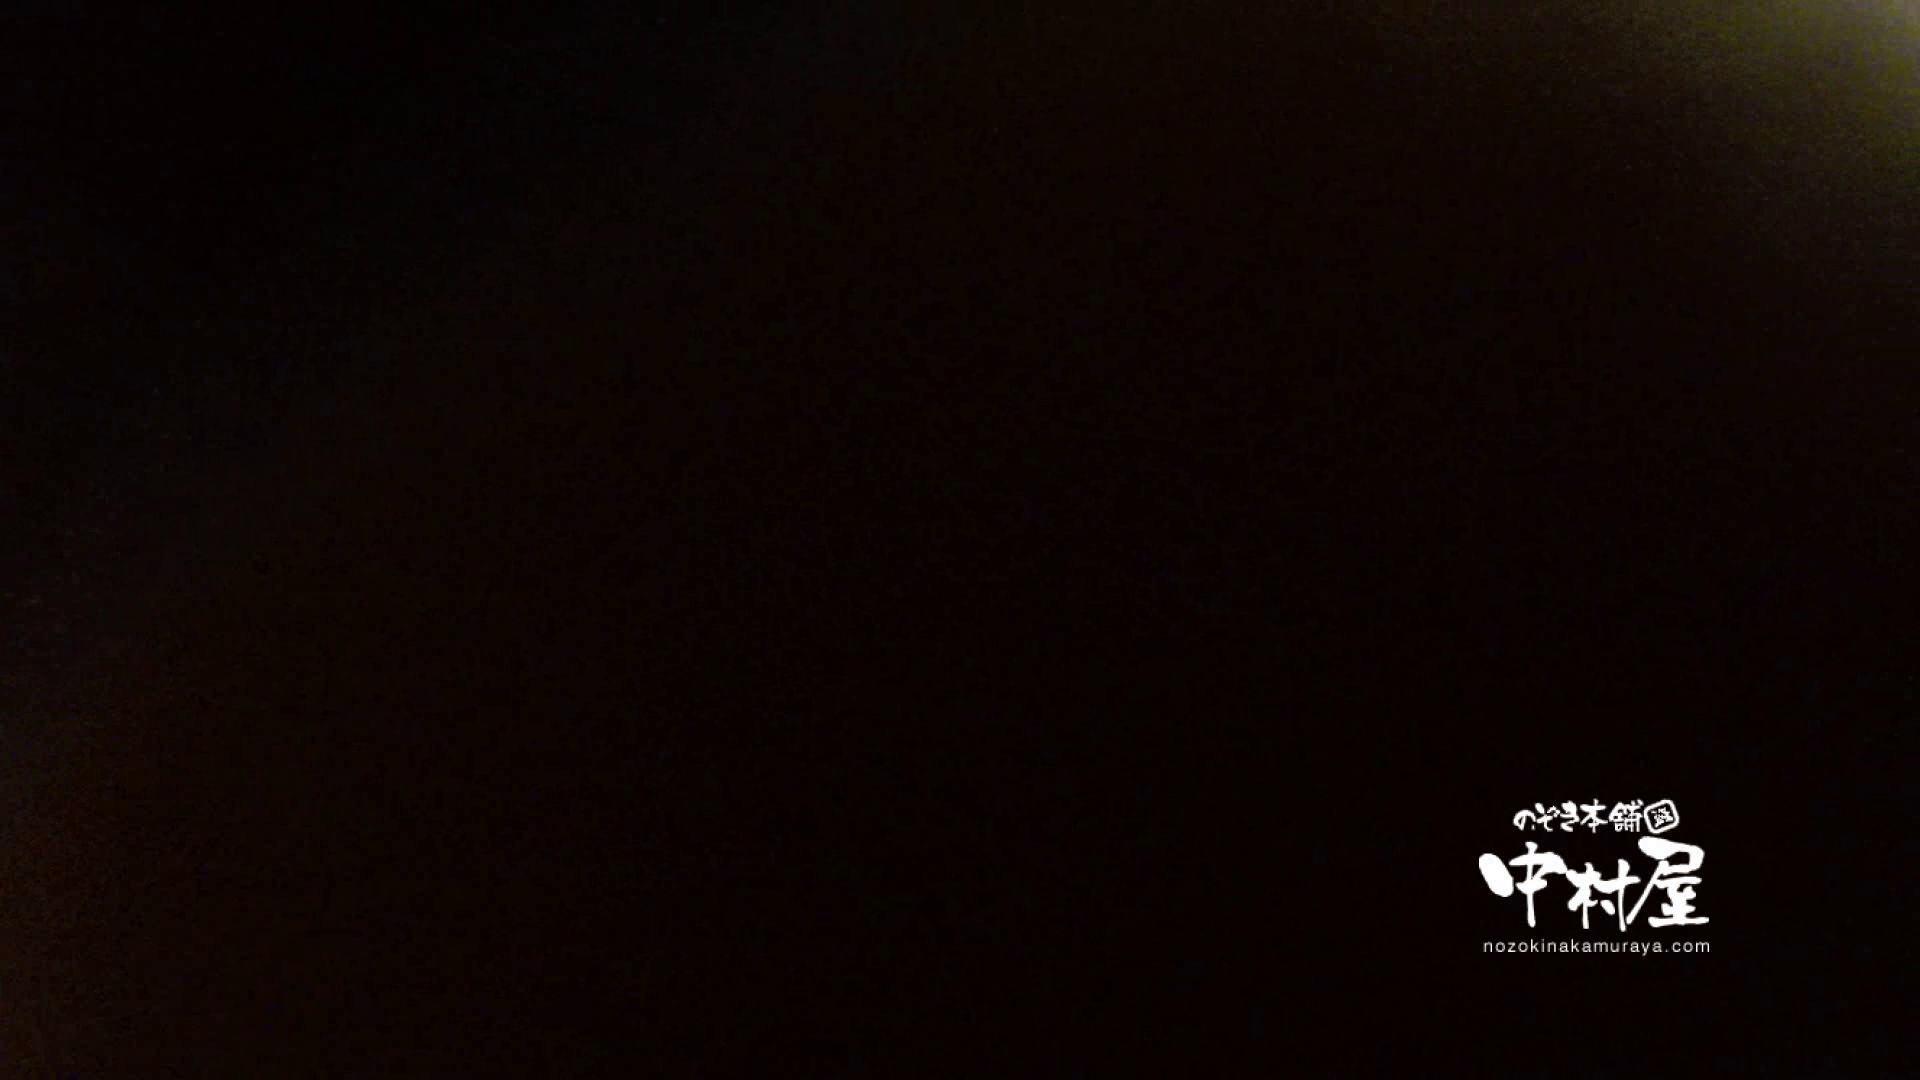 鬼畜 vol.14 小生意気なおなごにはペナルティー 前編 鬼畜 | 綺麗なOLたち  74枚 27